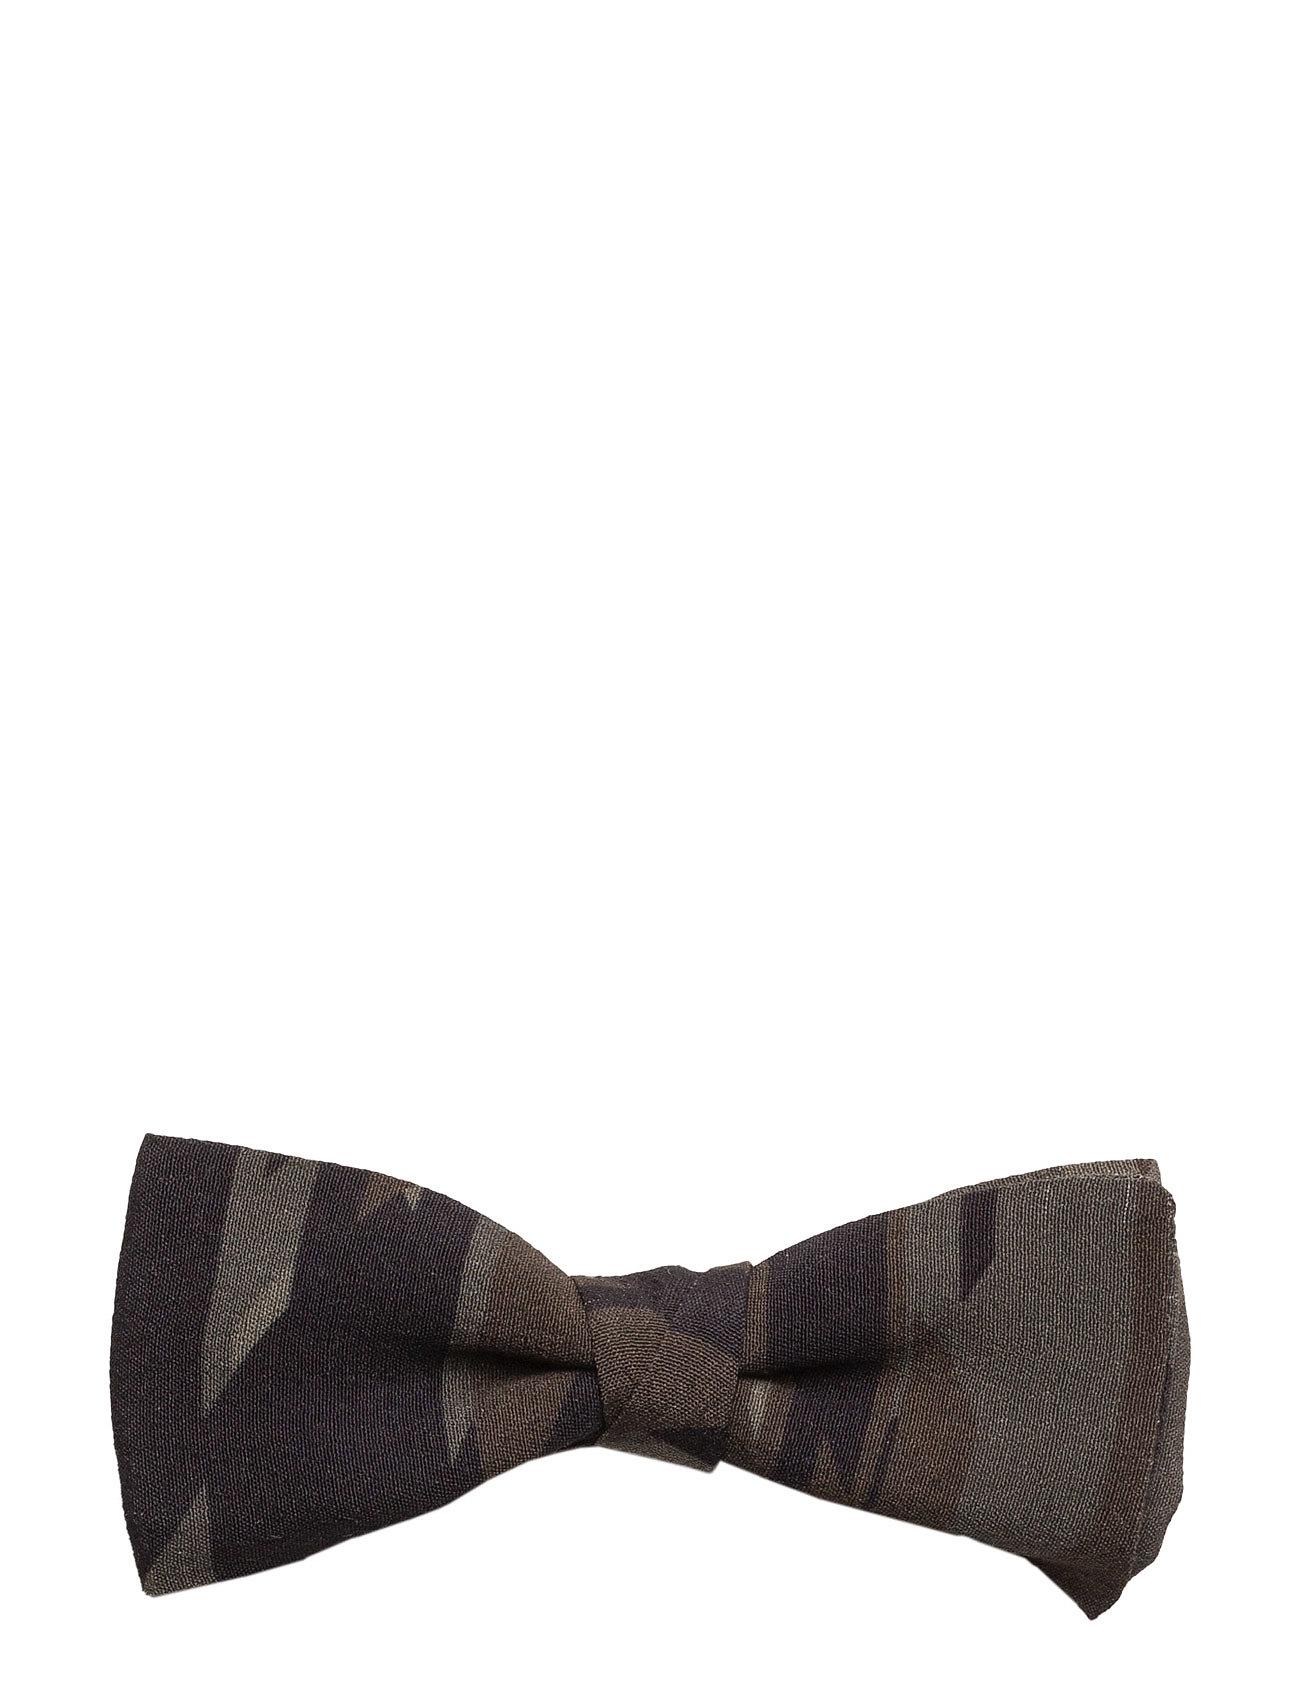 Bow Tie Fashion HUGO Butterflies til Herrer i Mørkegrøn